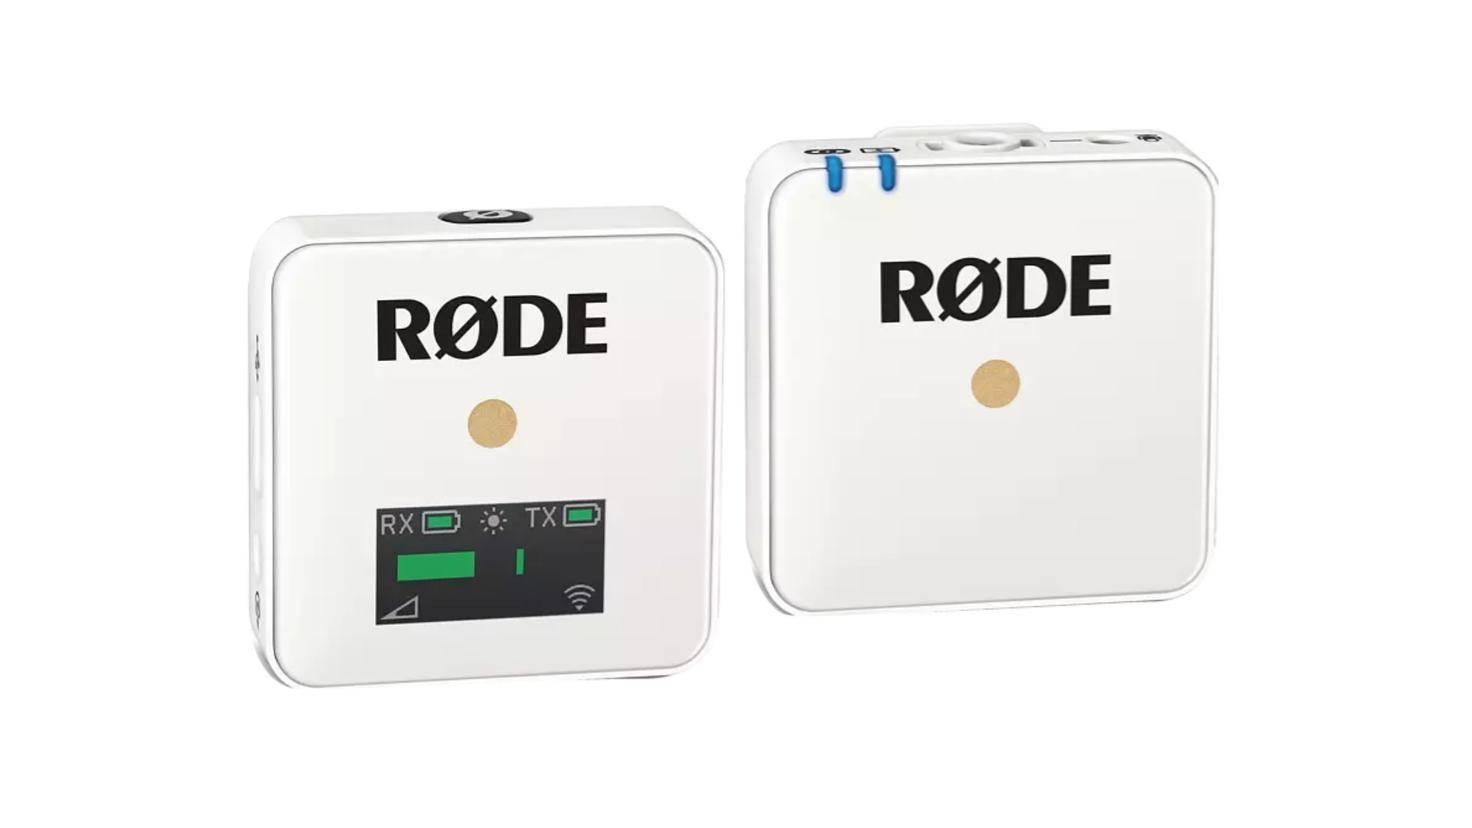 rode-wireless-microphones-go